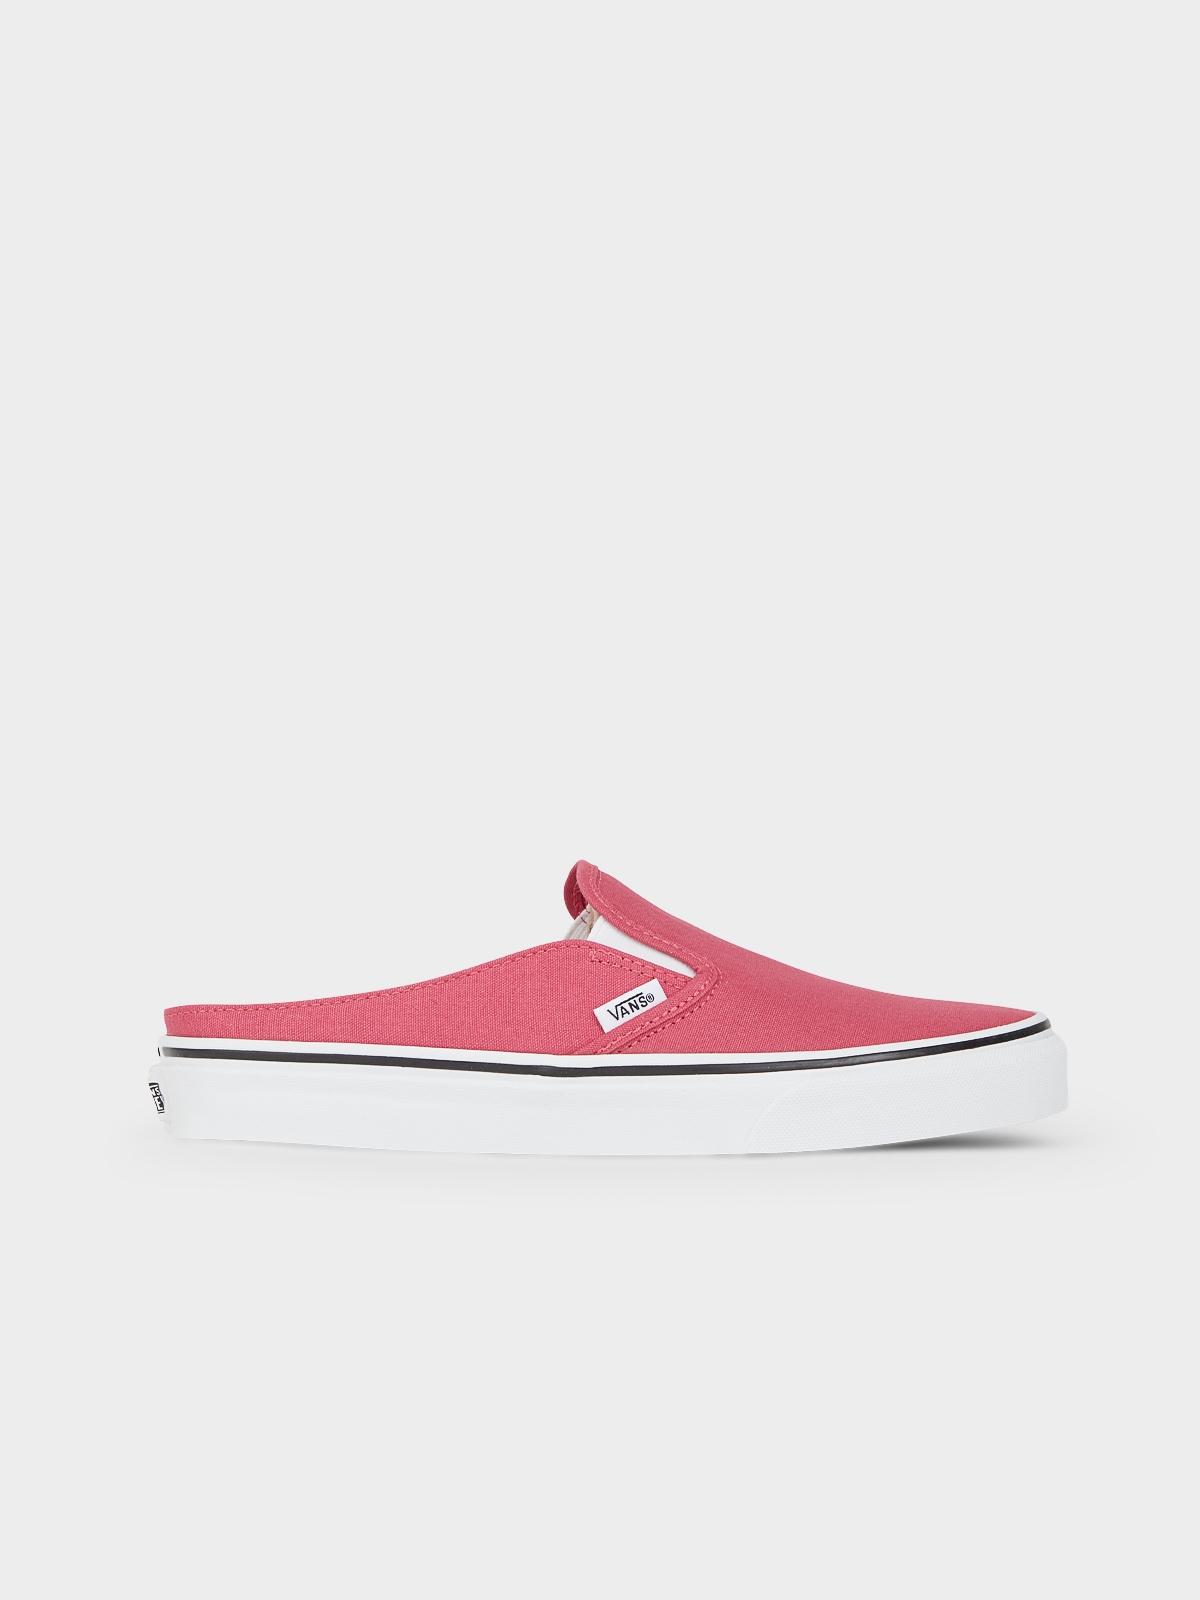 Vans Classic Slip On Mule Red